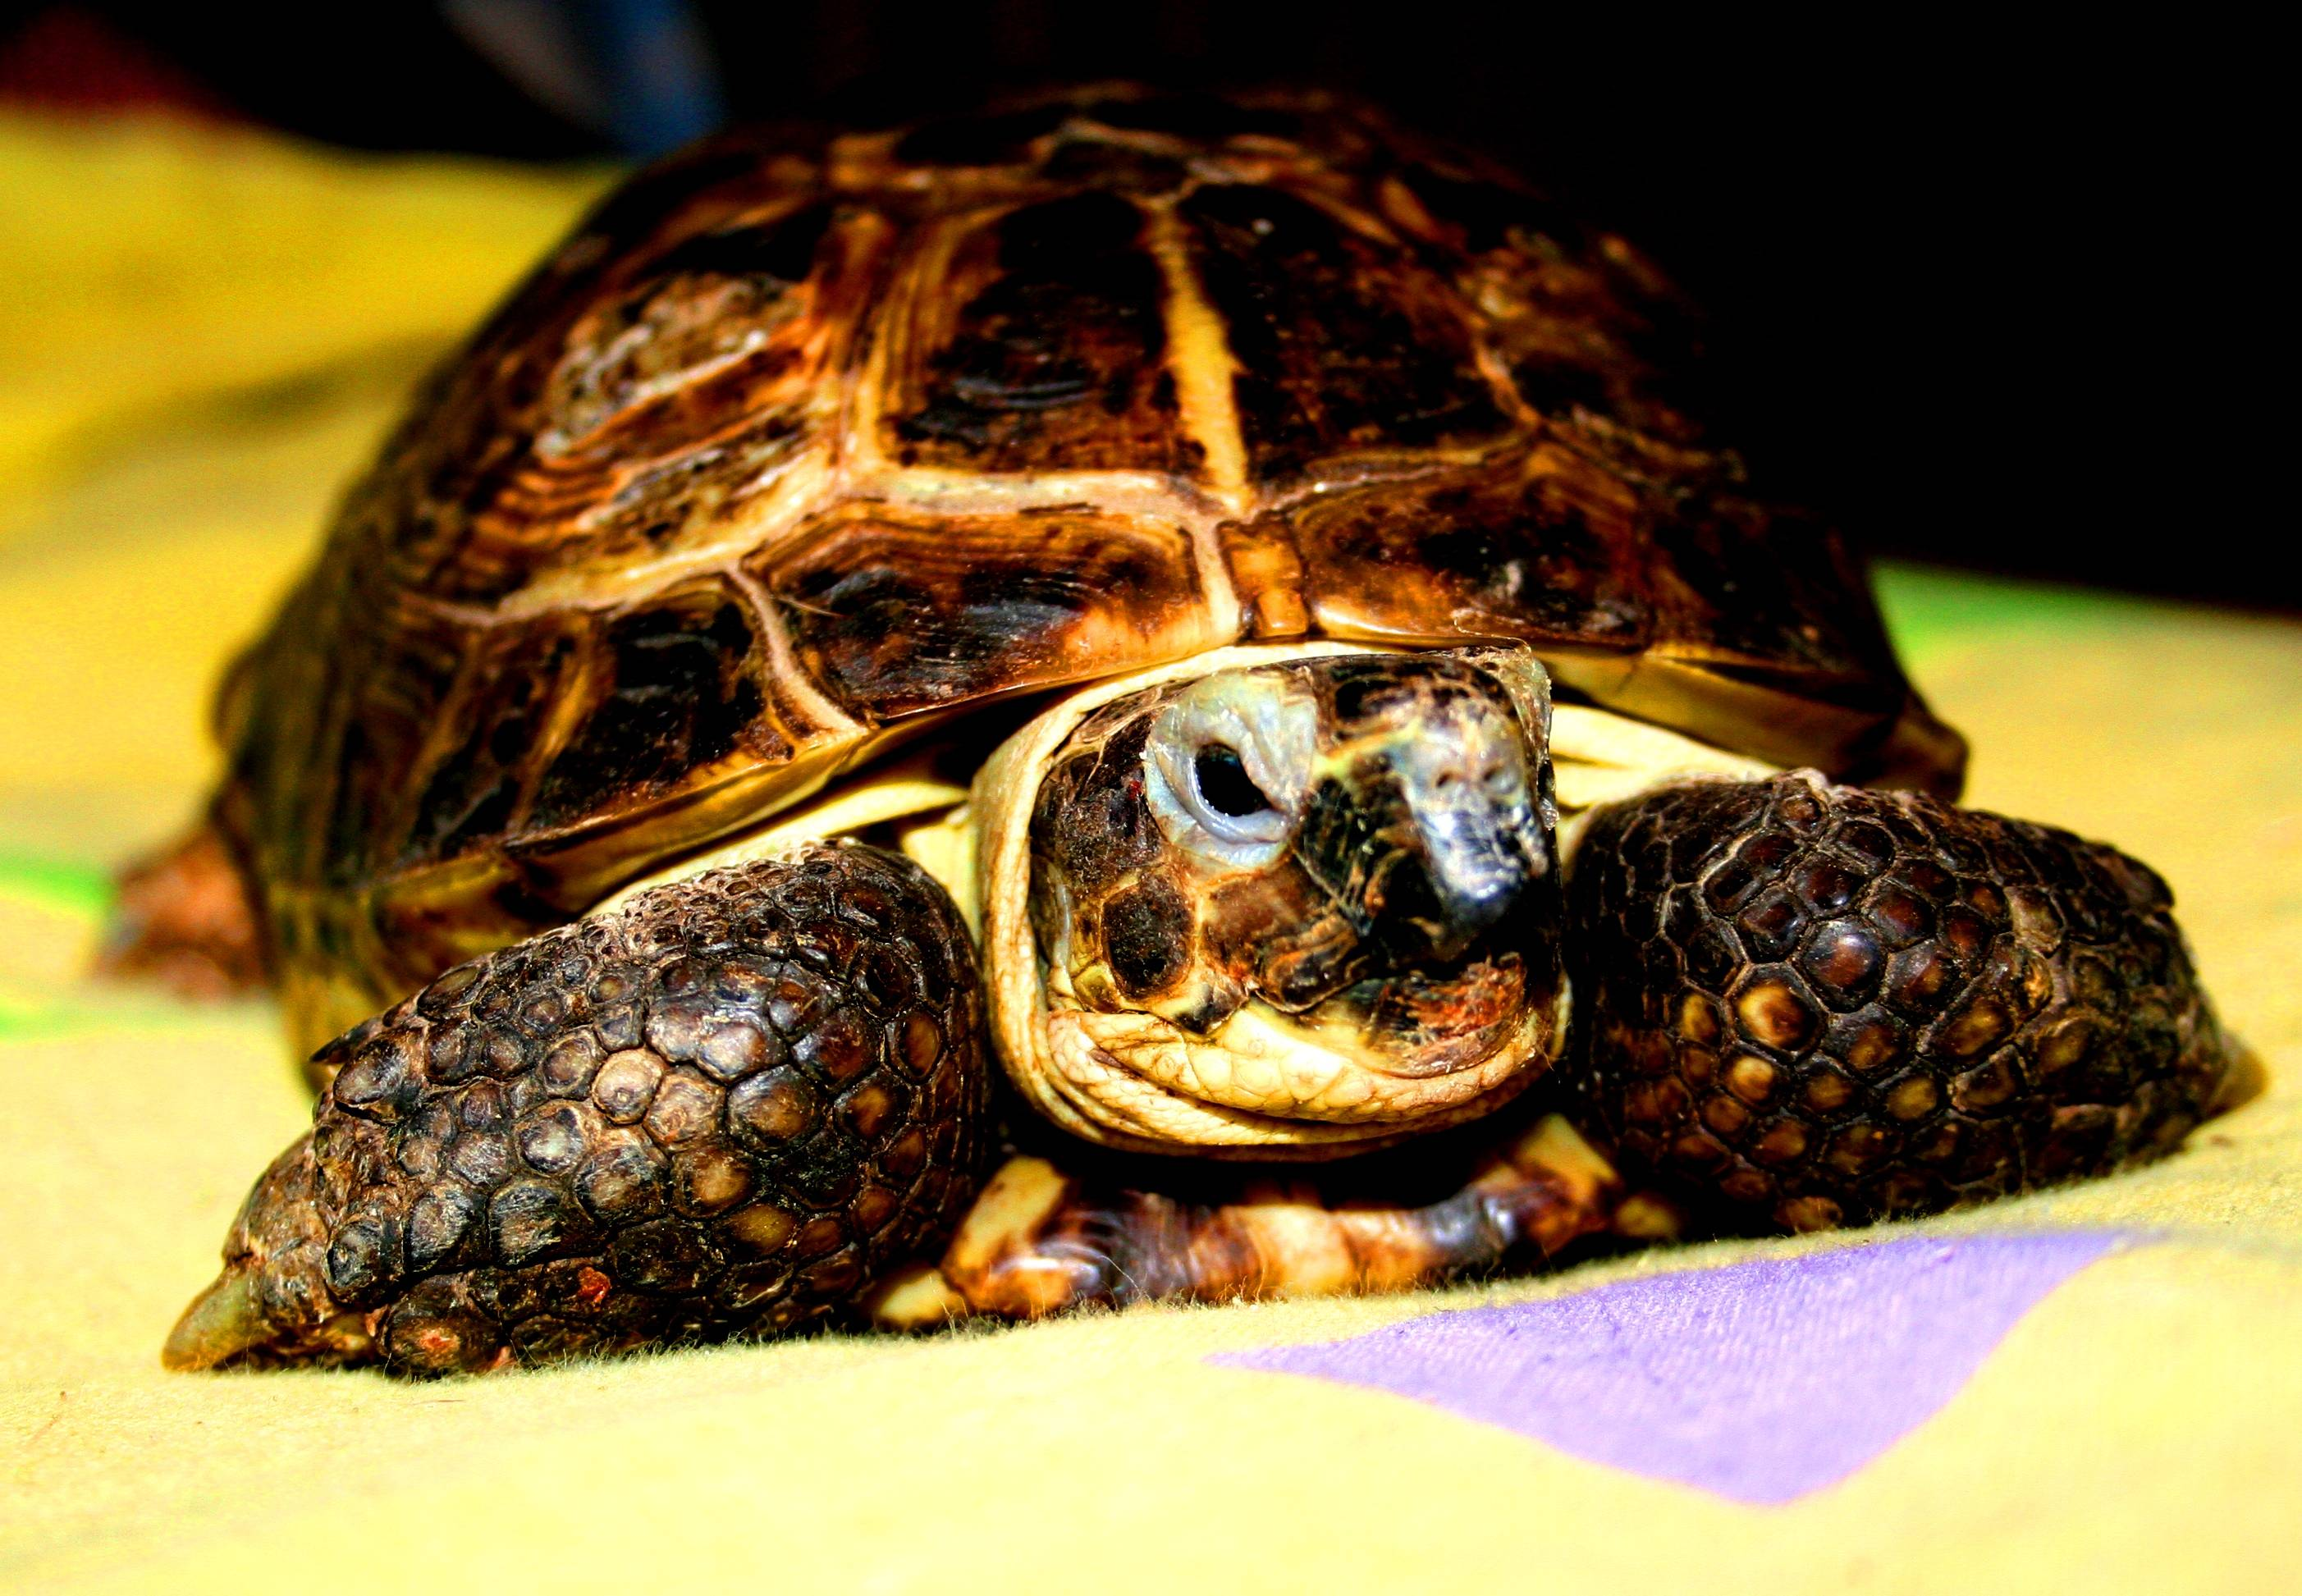 Что лучше сухопутная или водная черепаха. всё, что нужно знать о уходе за черепахой в домашних условиях. уникальная морская черепашка